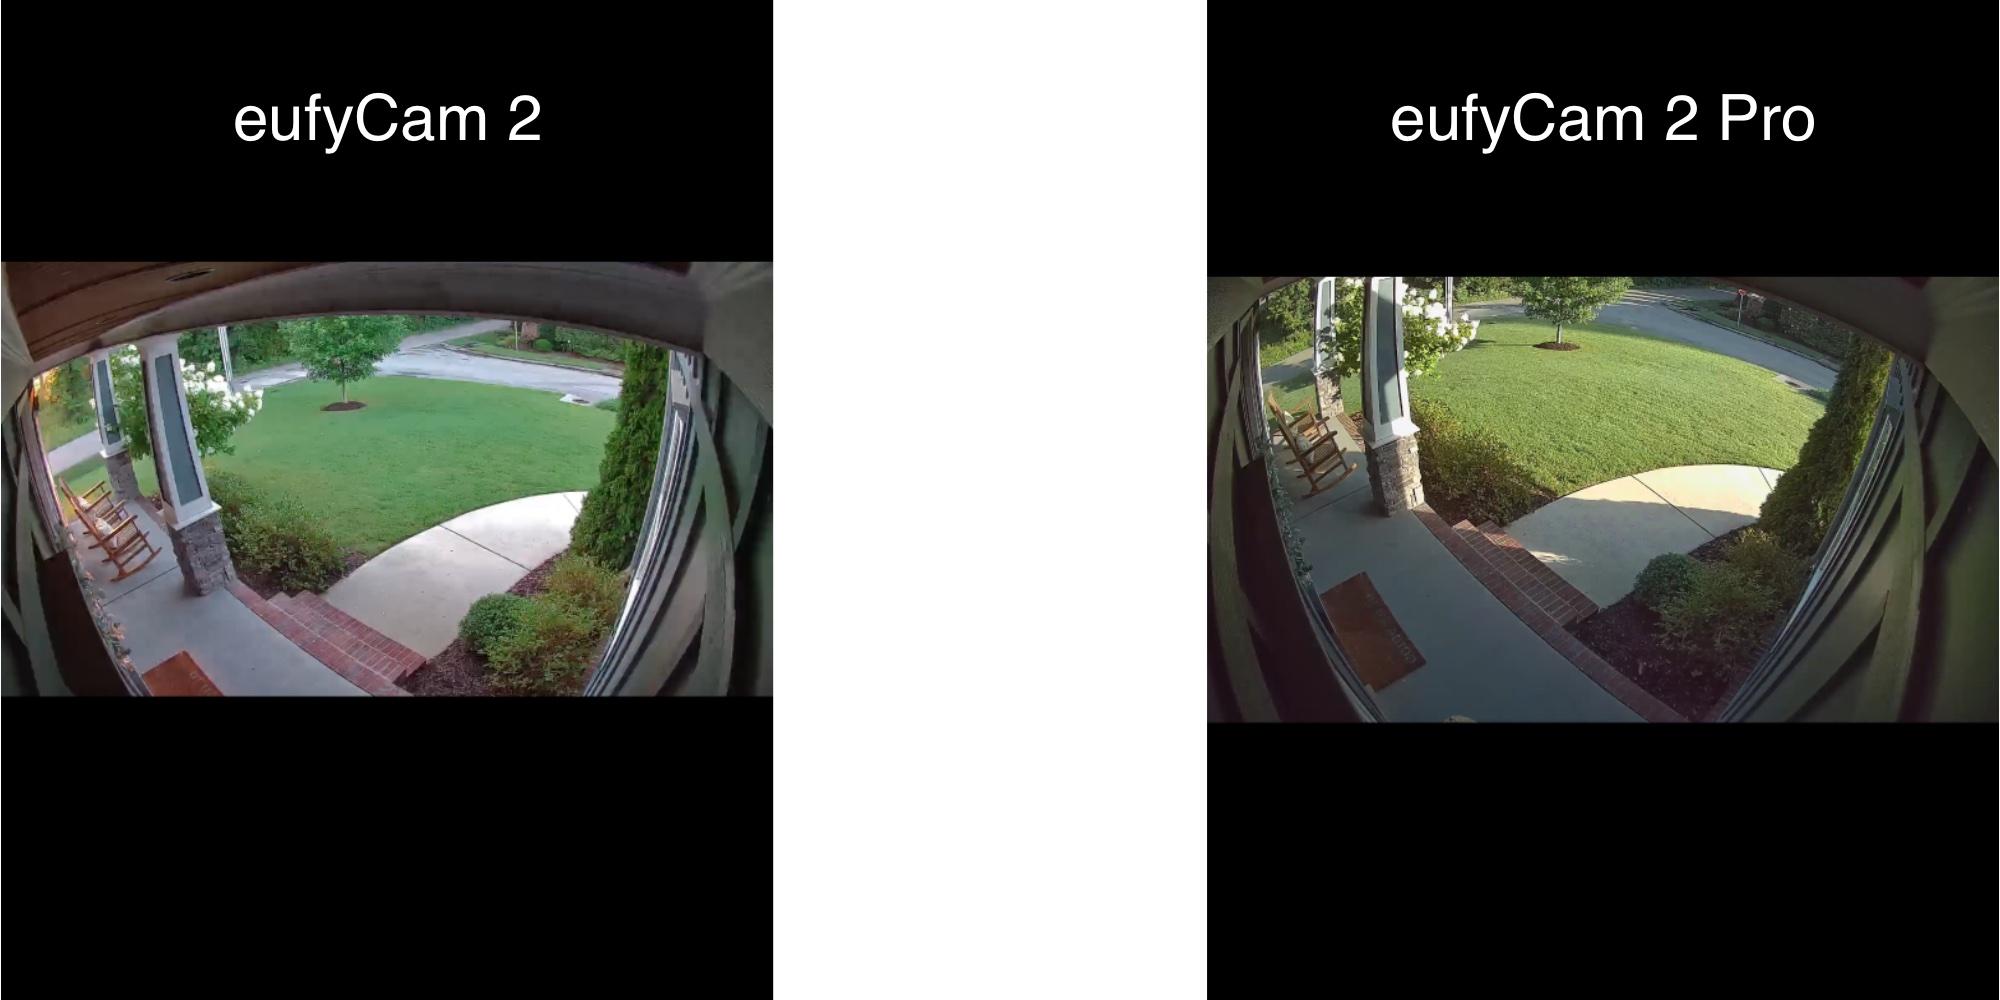 EufyCam 2 Pro vs Eufy Cam